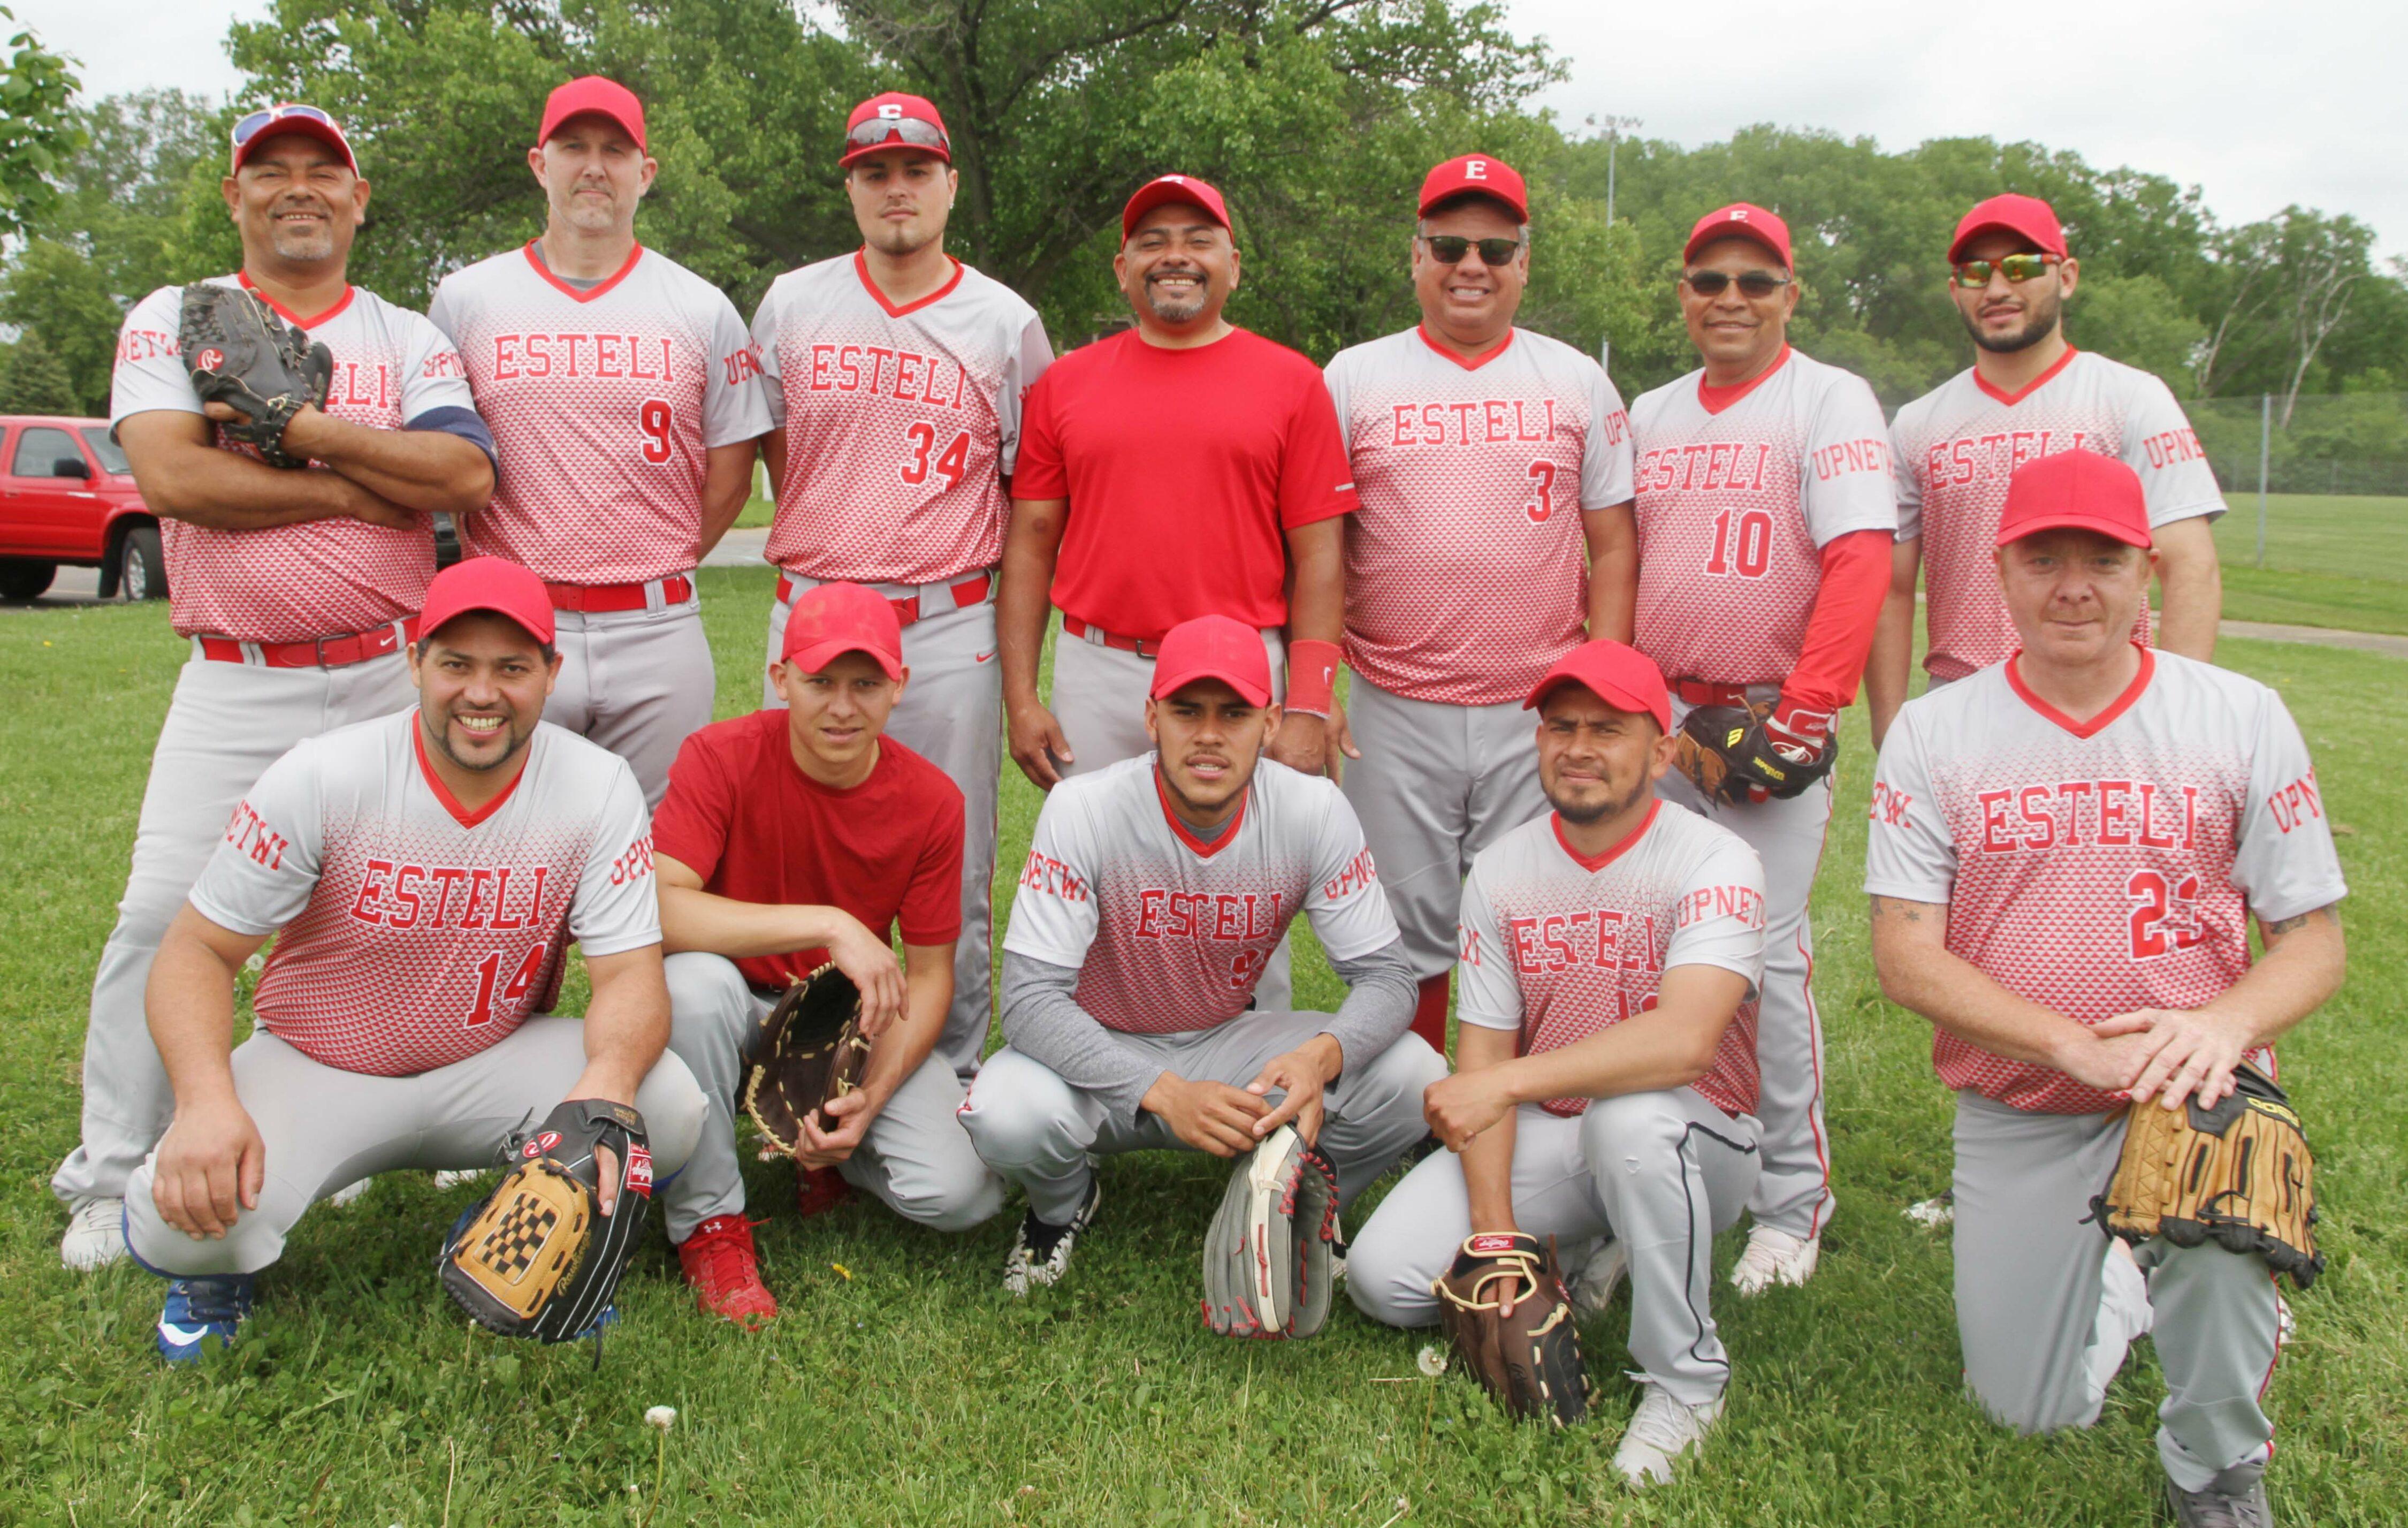 Continúan los juegos en la Liga Latina de Béisbol de Madison